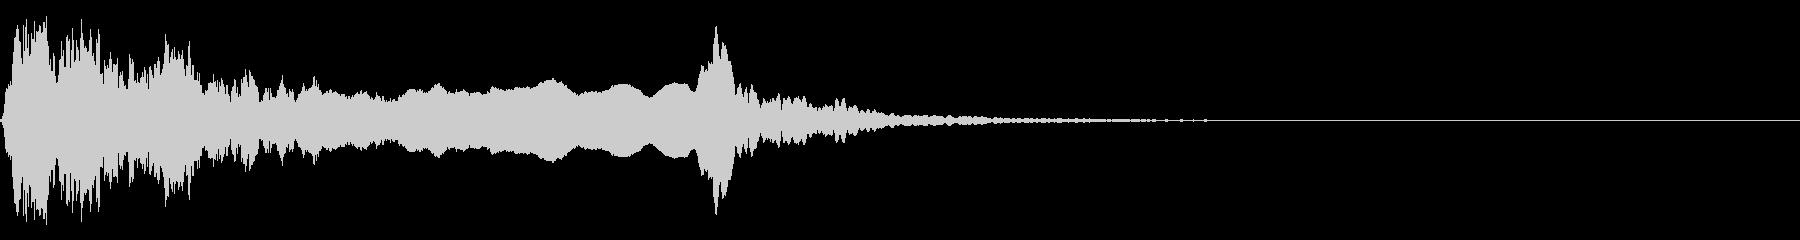 和風な歌舞伎の笛(能管)効果音です♪02の未再生の波形